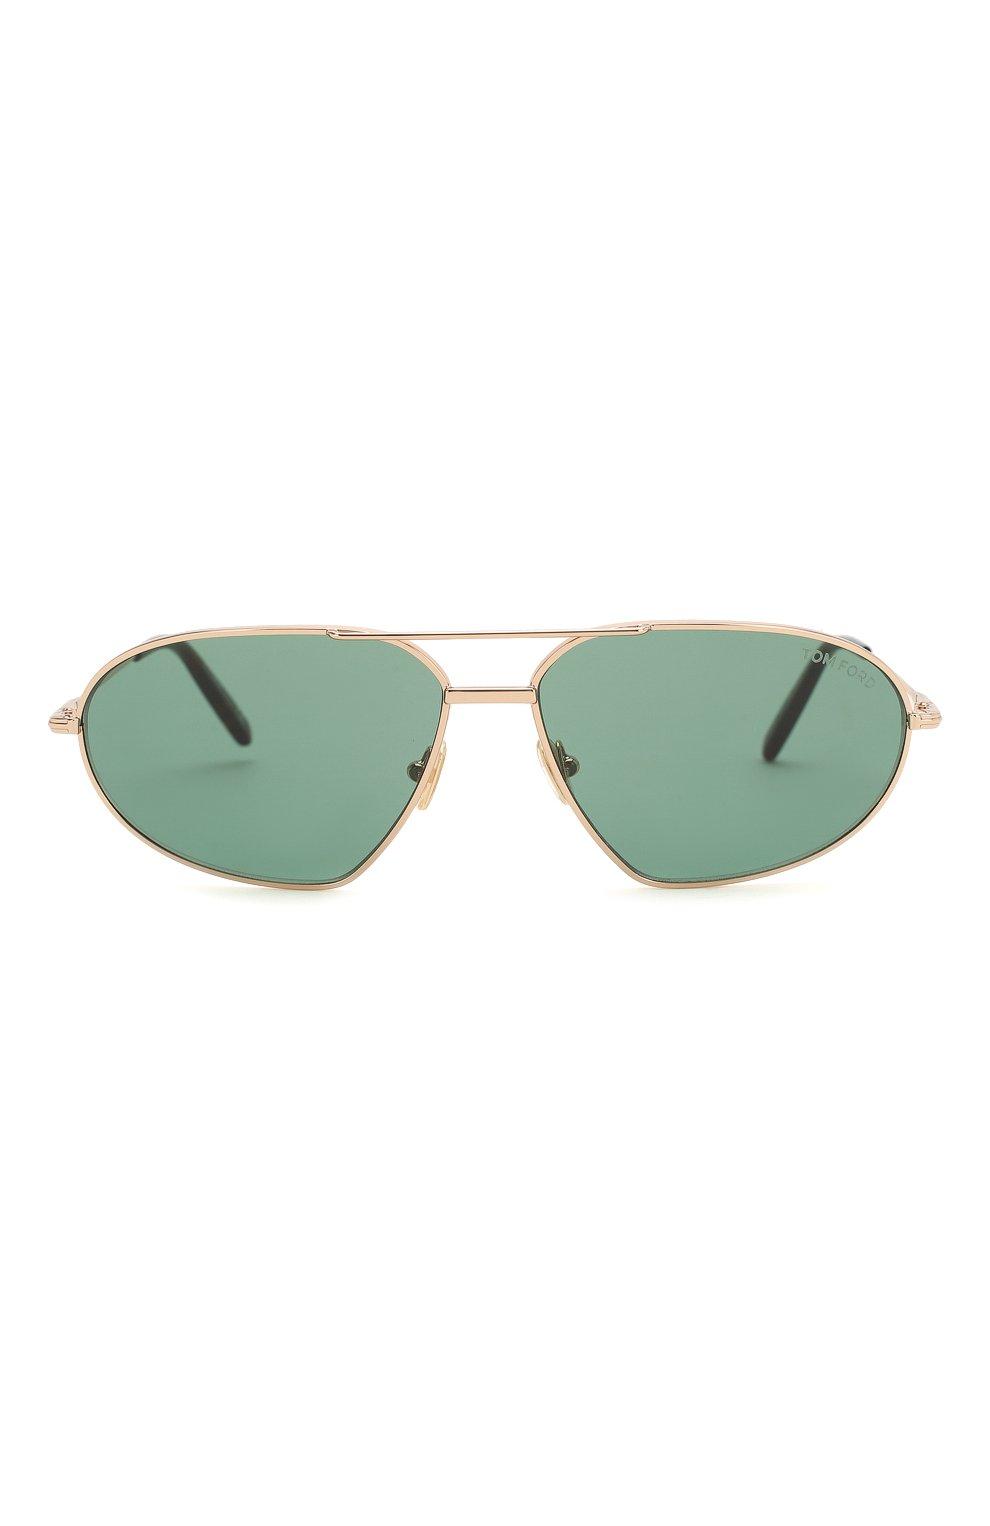 Мужские солнцезащитные очки TOM FORD темно-зеленого цвета, арт. TF771 28N   Фото 3